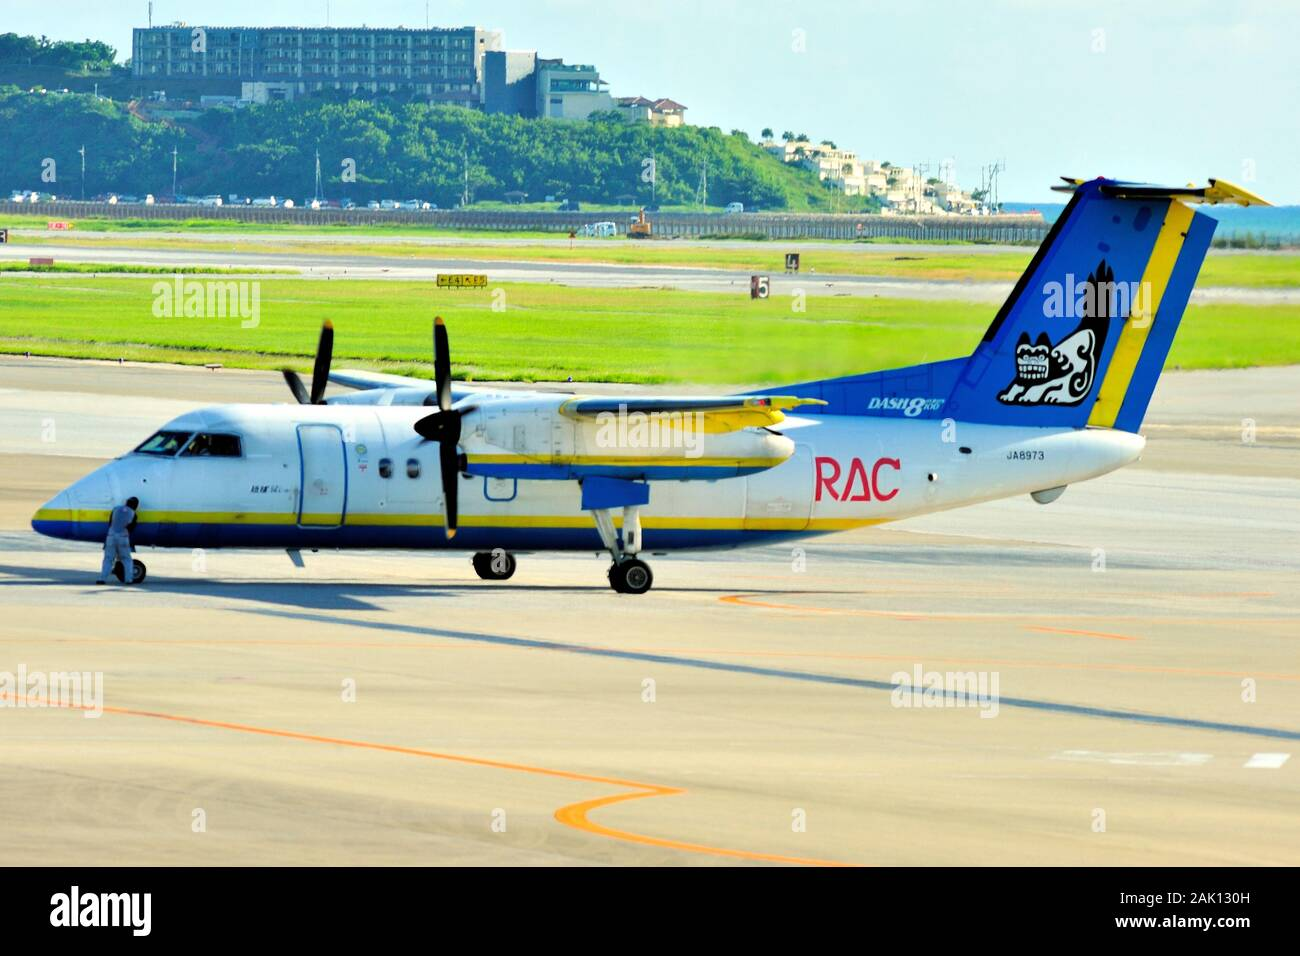 Aire Ryukyu Commuter, RAC, De Havilland Canada Dash 8, el DHC-8-100, JA8973, preparándose para la salida, Aeropuerto de Naha, Okinawa, Japón Foto de stock